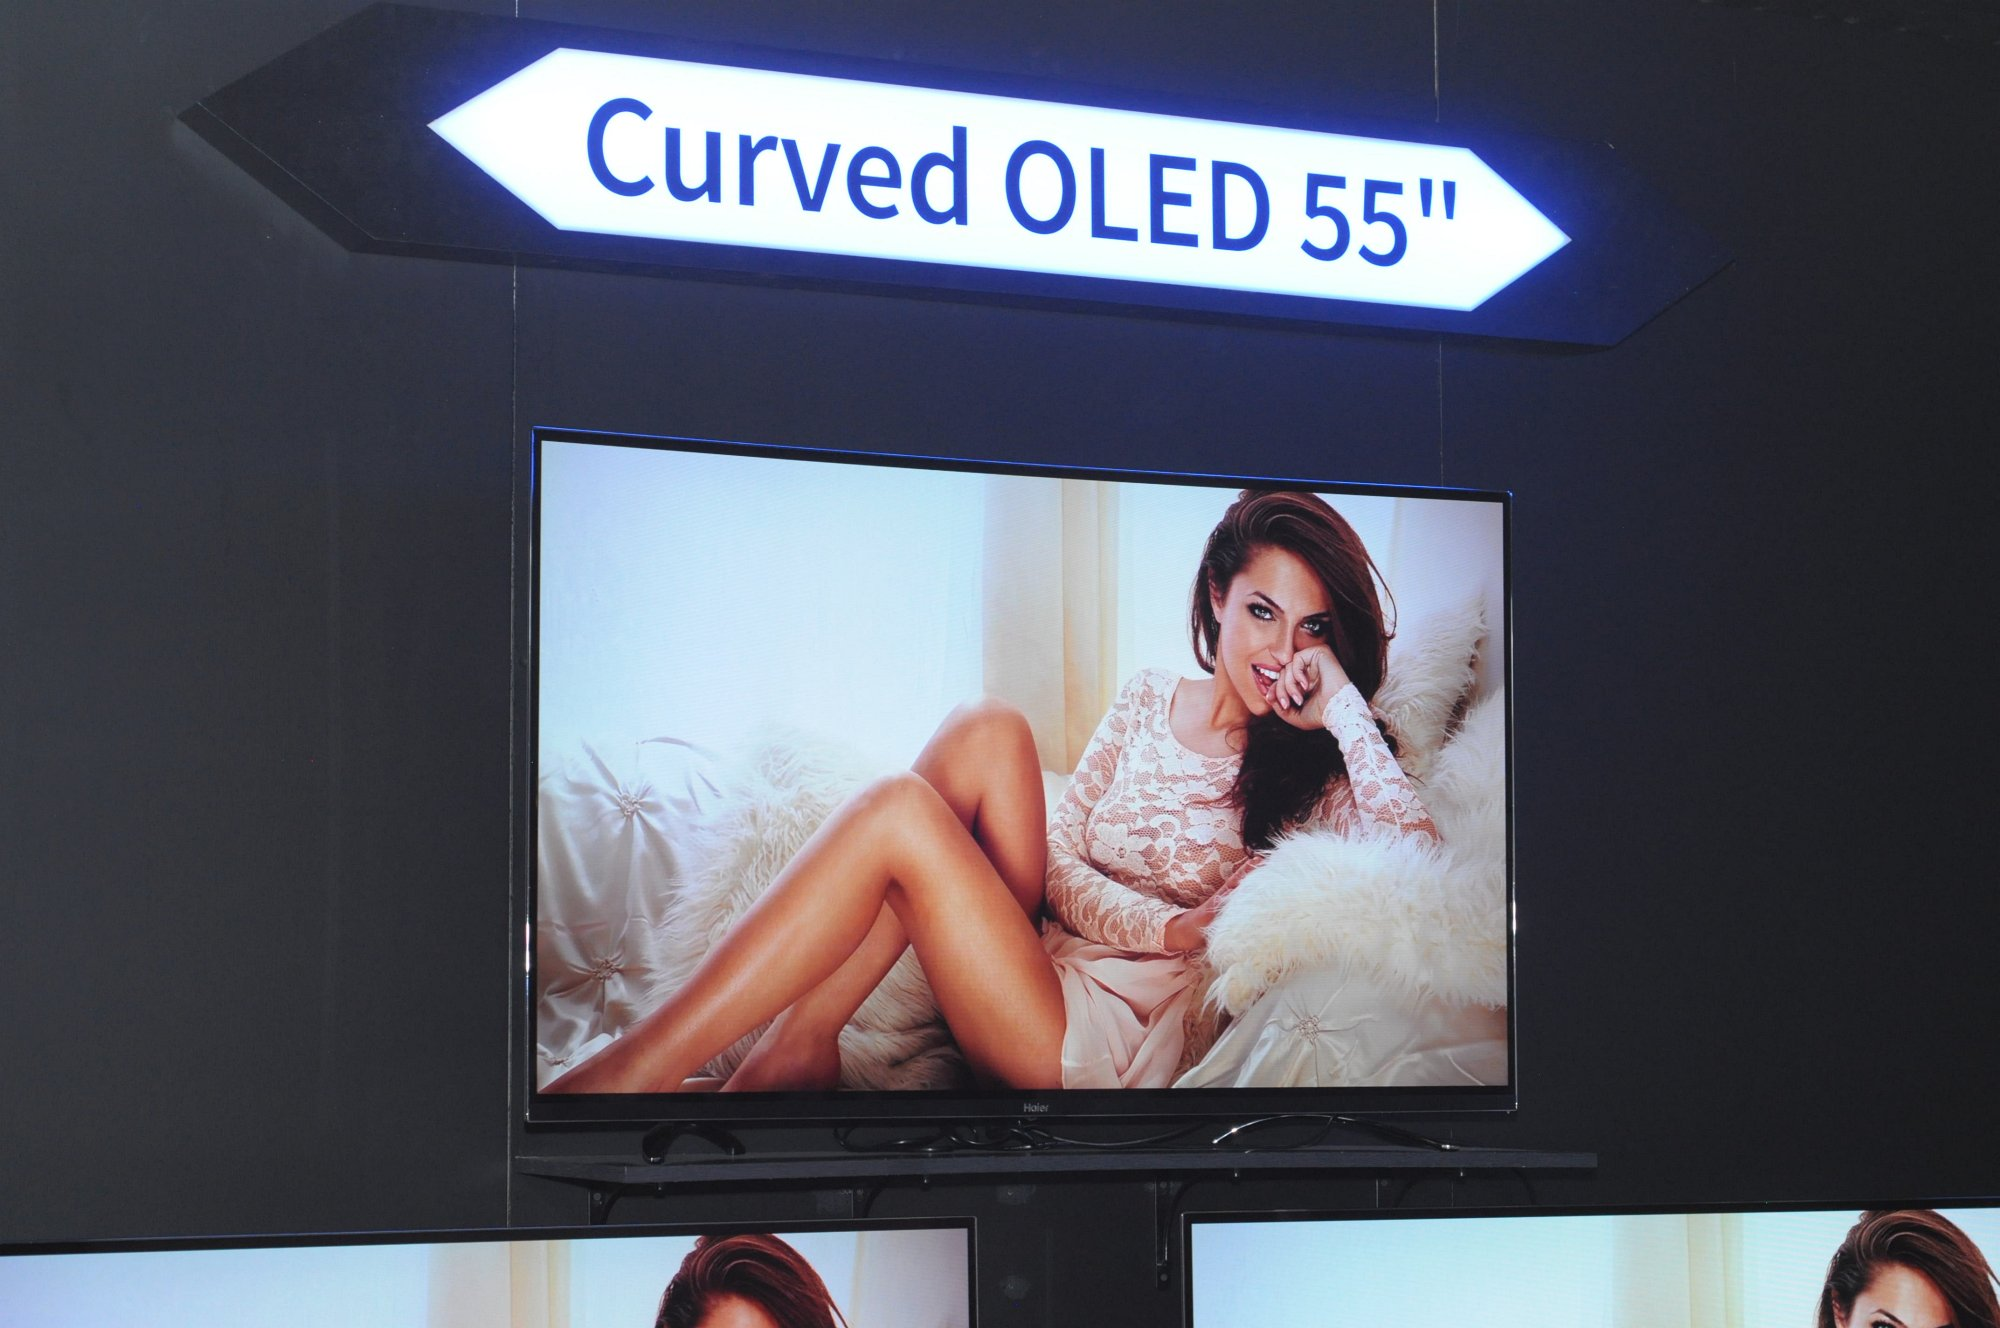 HDR und Dolby Vision: Die vorläufige Rückkehr der dicken Fernseher - OLED-Fernseher zeigte auch Haier. HDR ist hier jedoch noch kein Thema. (Foto: Andreas Sebayang/Golem.de)